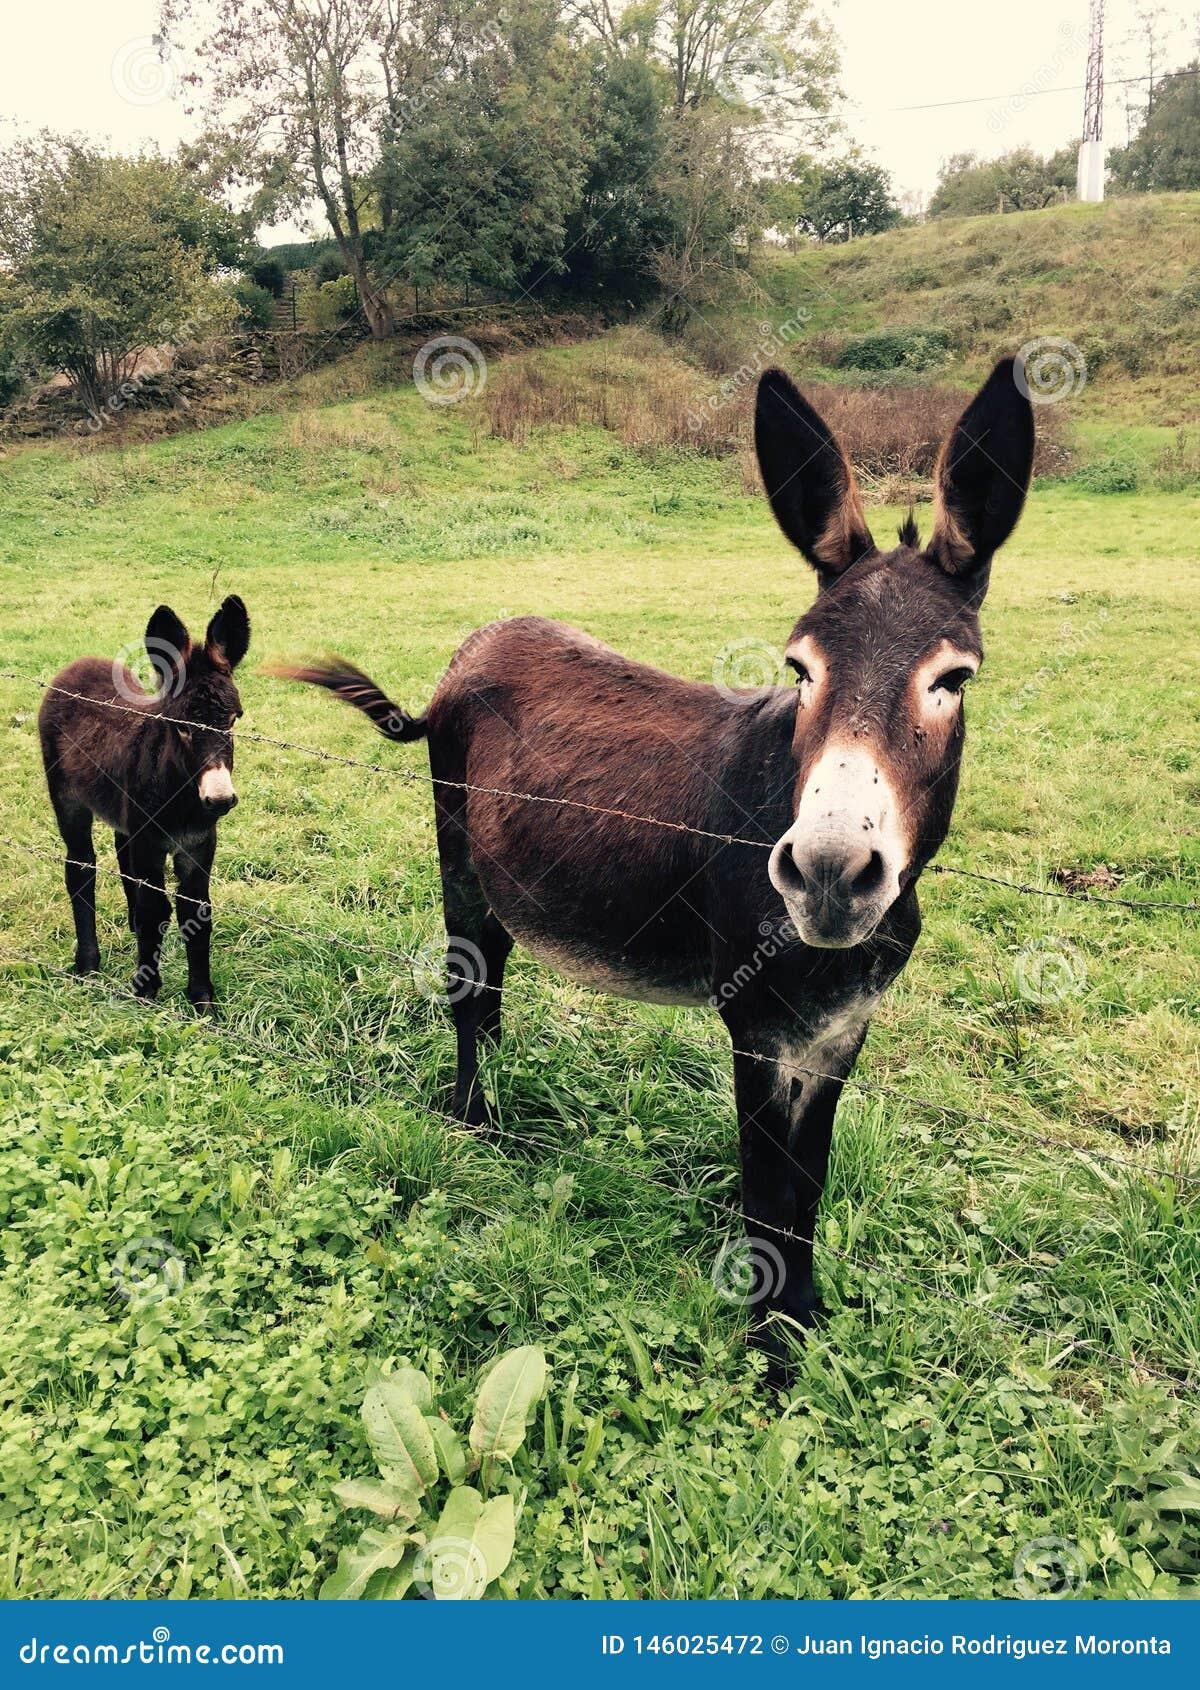 ânes bruns mère et fils dans un pré